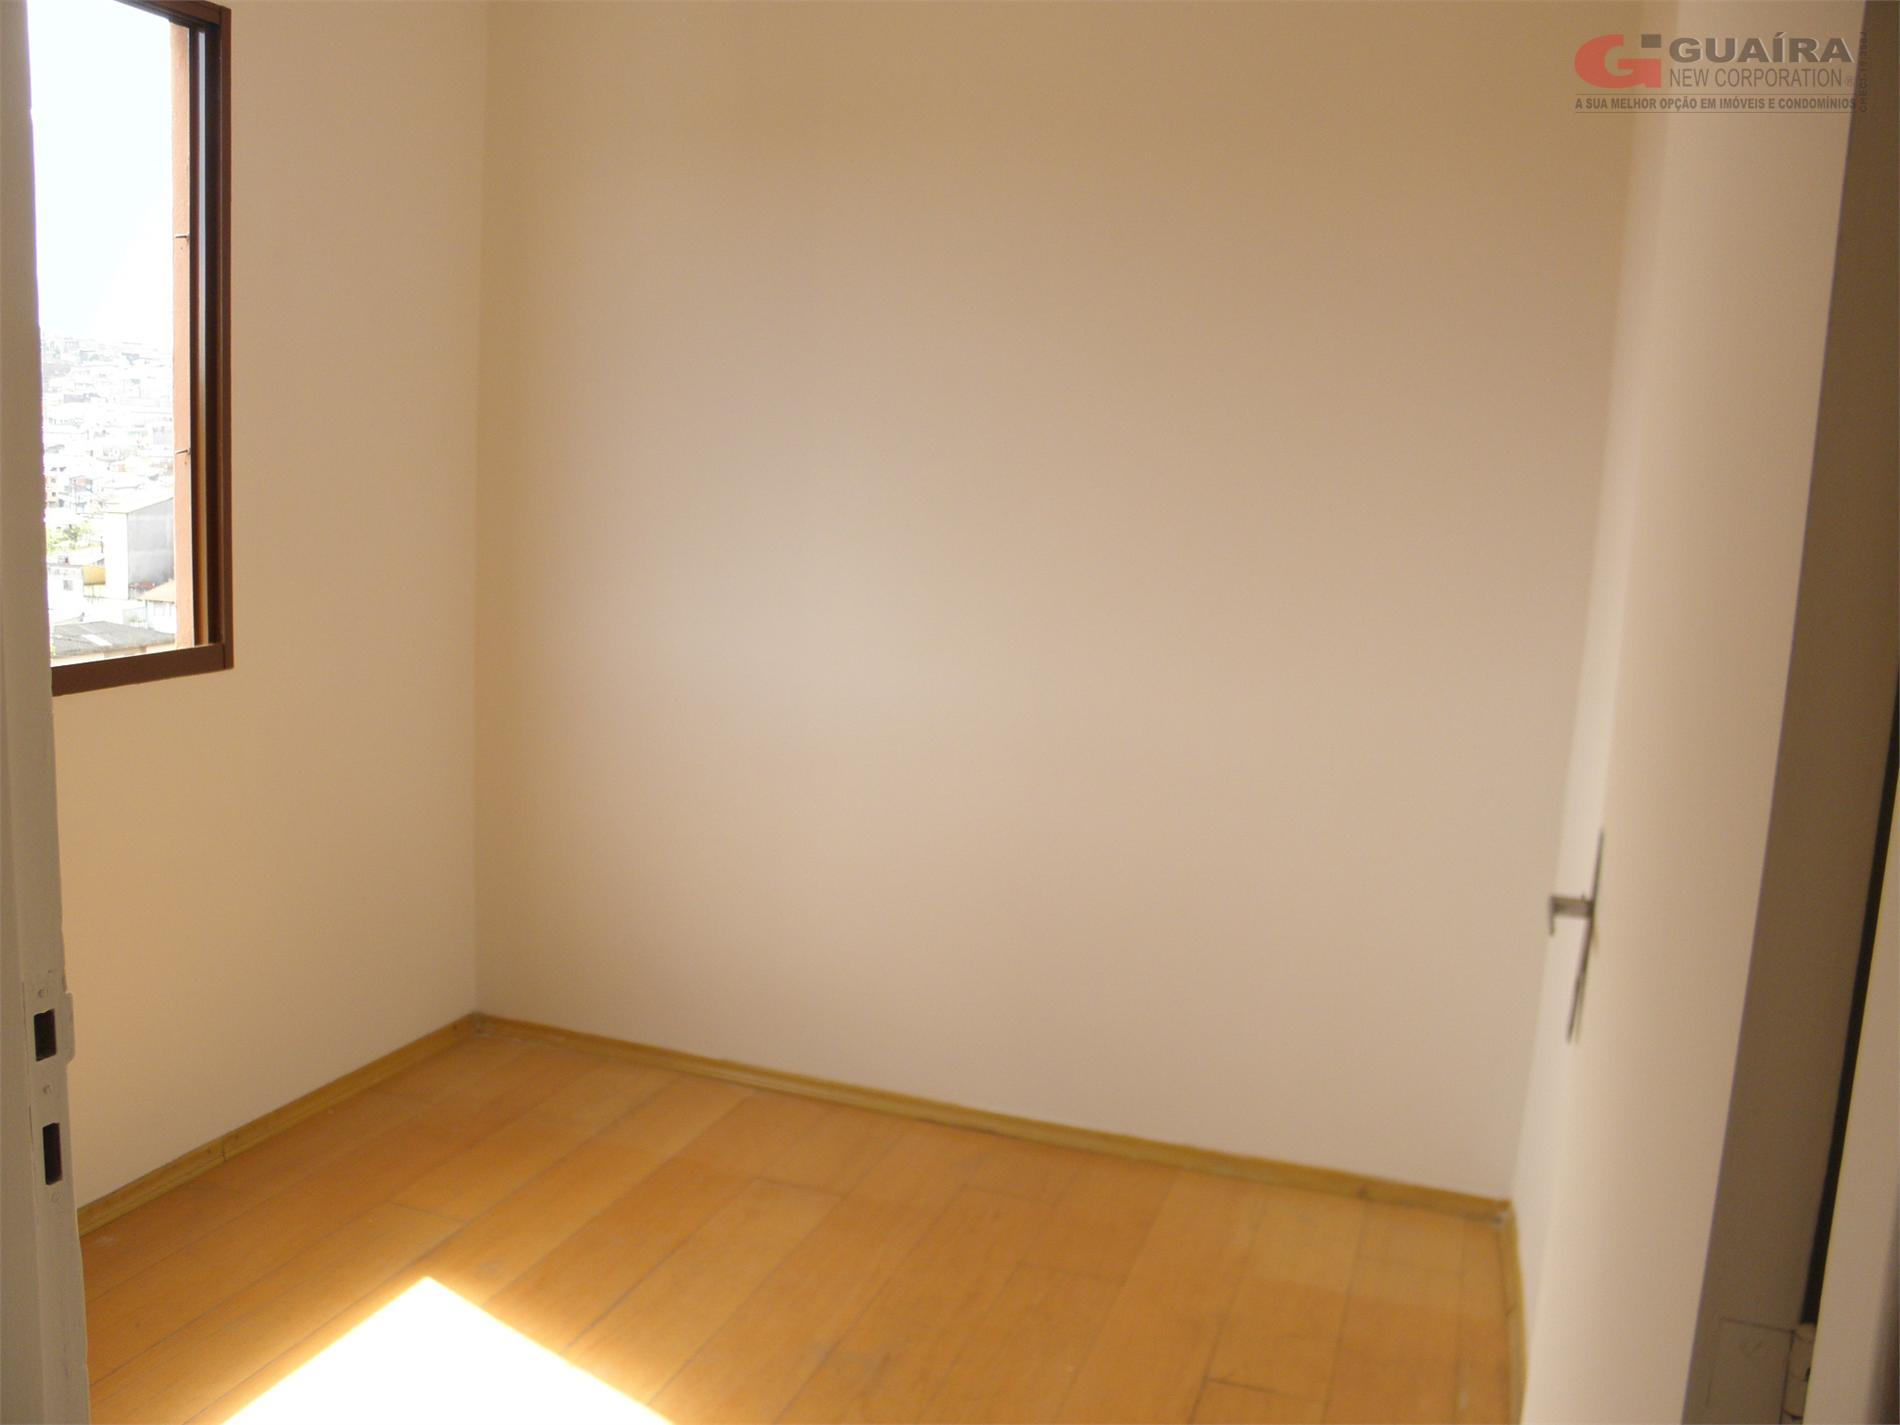 Apartamento de 3 dormitórios em Jardim Santo André, Santo André - SP